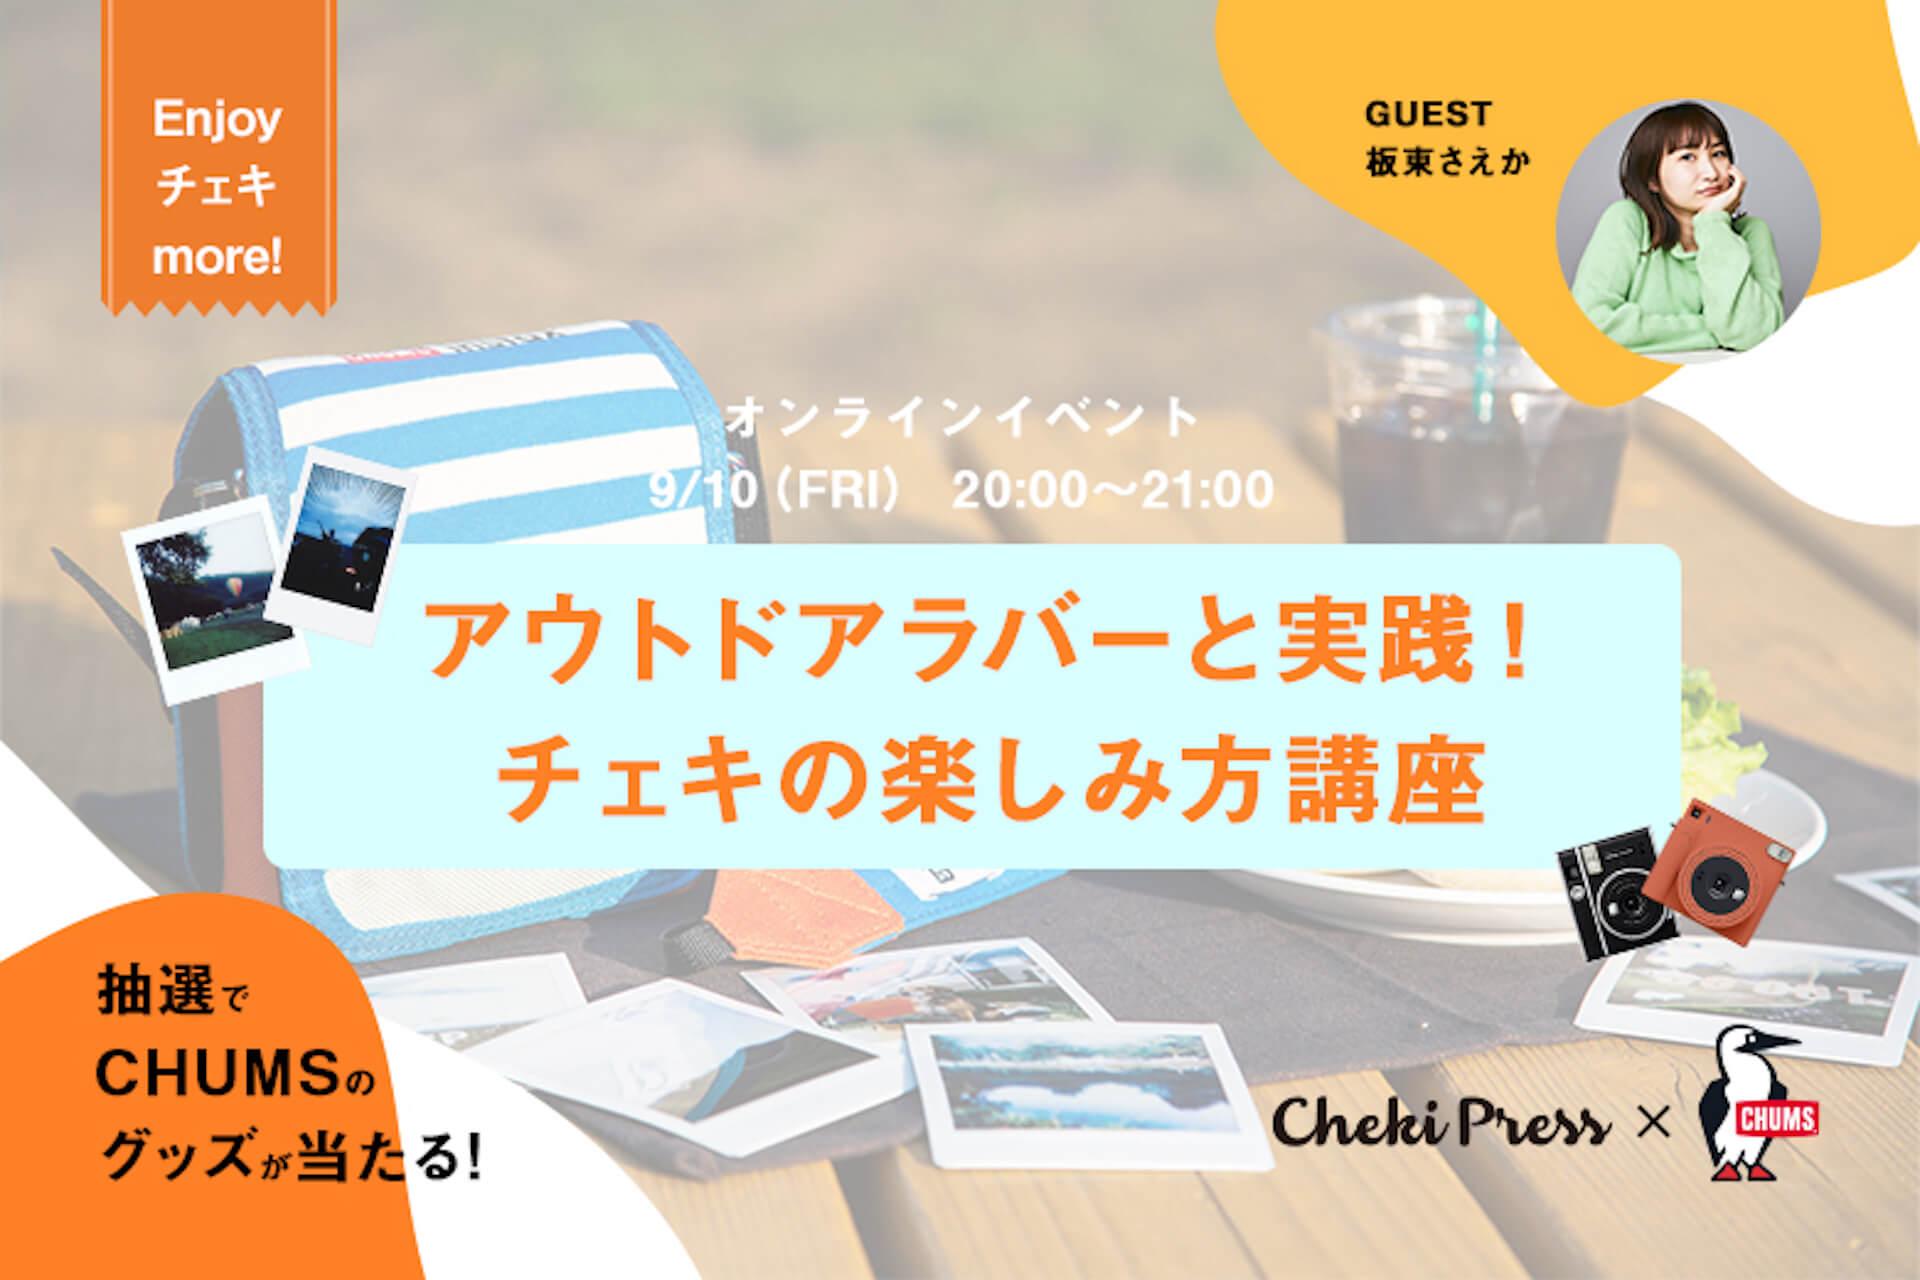 チェキとCHUMSによるオンラインイベントが開催!ゲストに板東さえかも参加 art210827_cheki_chums_4